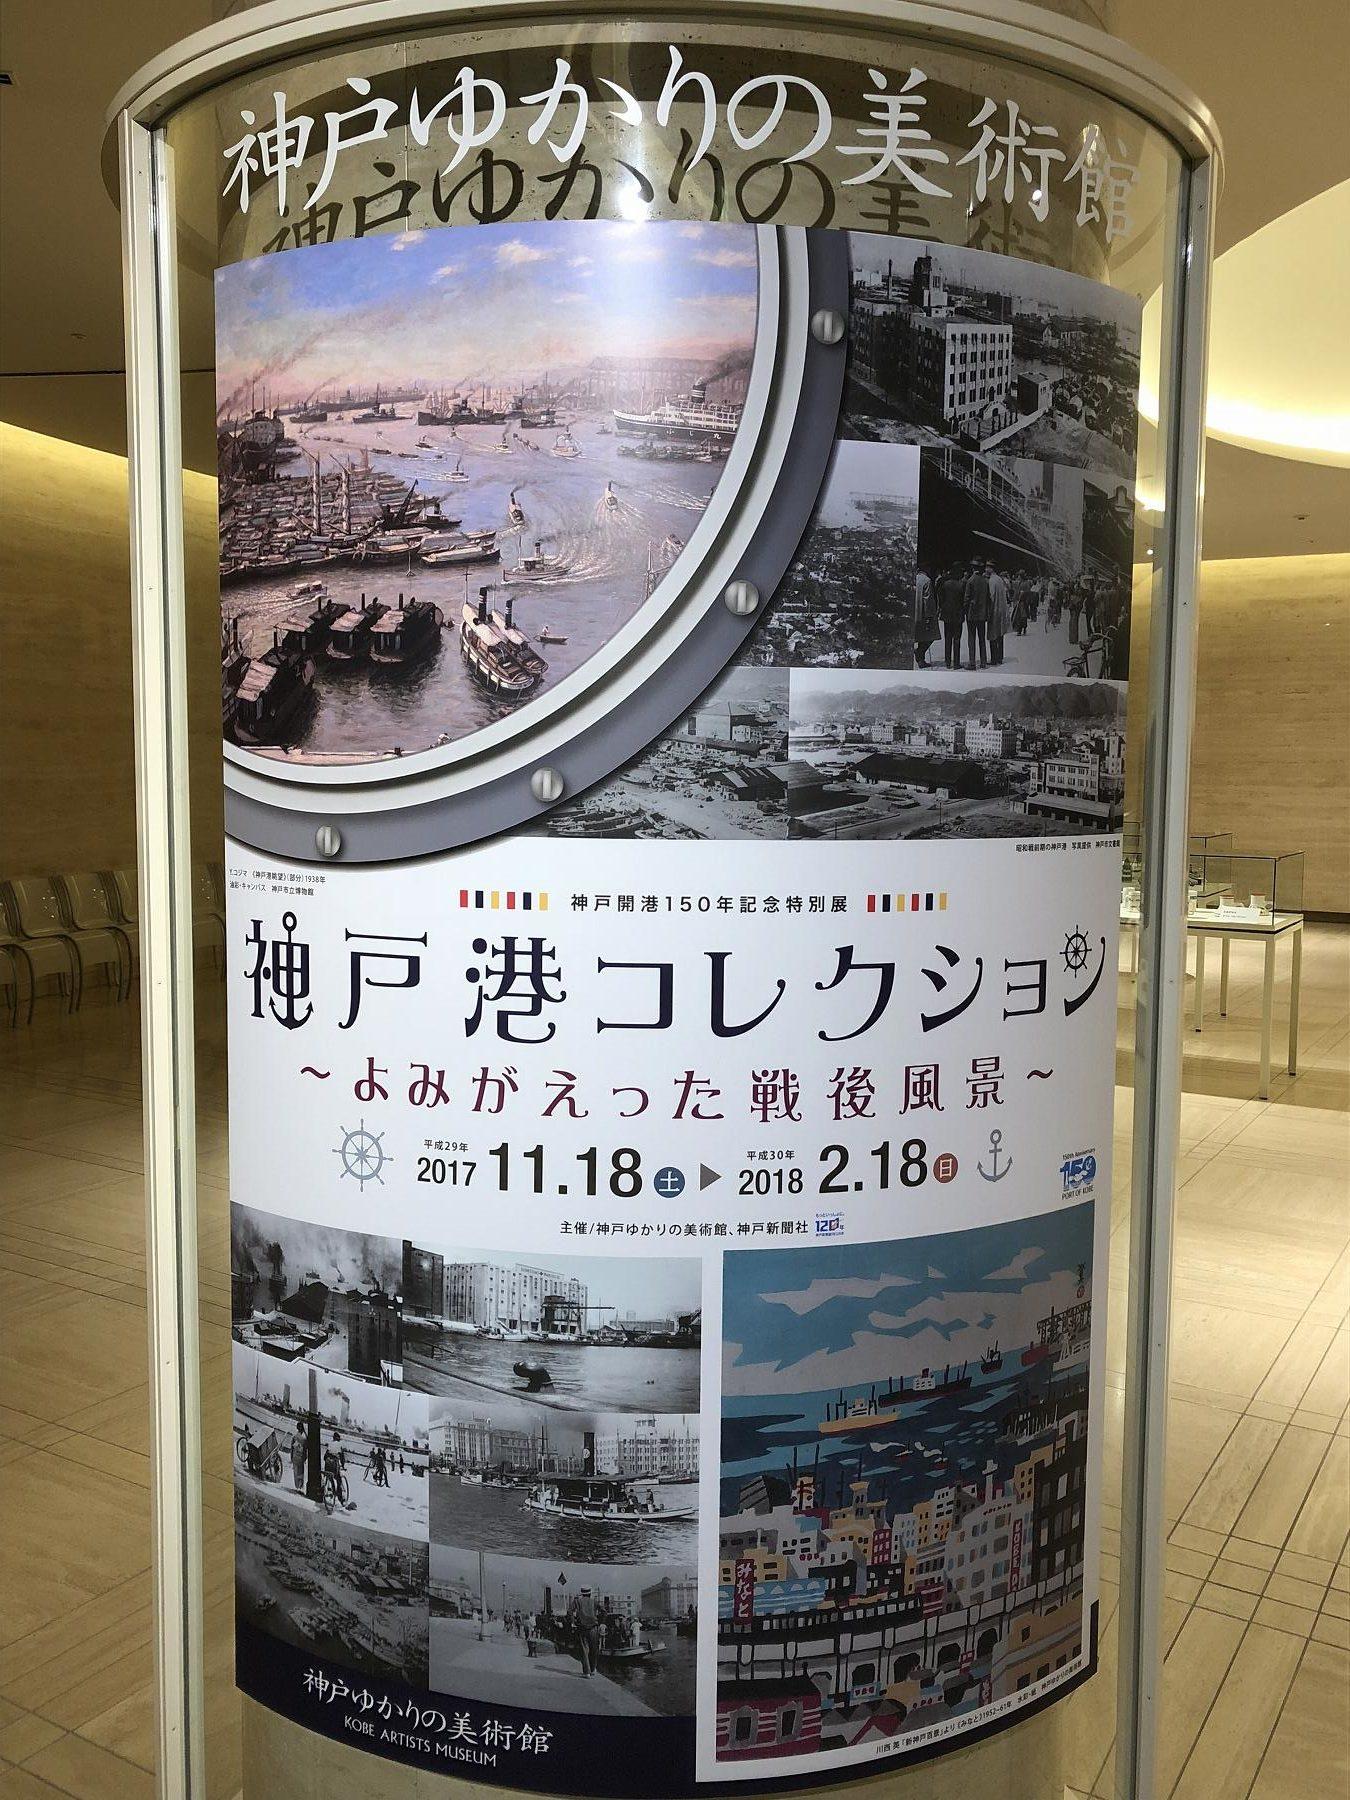 神戸・六甲アイランドの神戸ゆかりの美術館で「神戸港コレクション」が開催中!川西英の「 #新神戸百景 」が観覧出来るよ! #神戸ゆかりの美術館 #川西英 #神戸百景